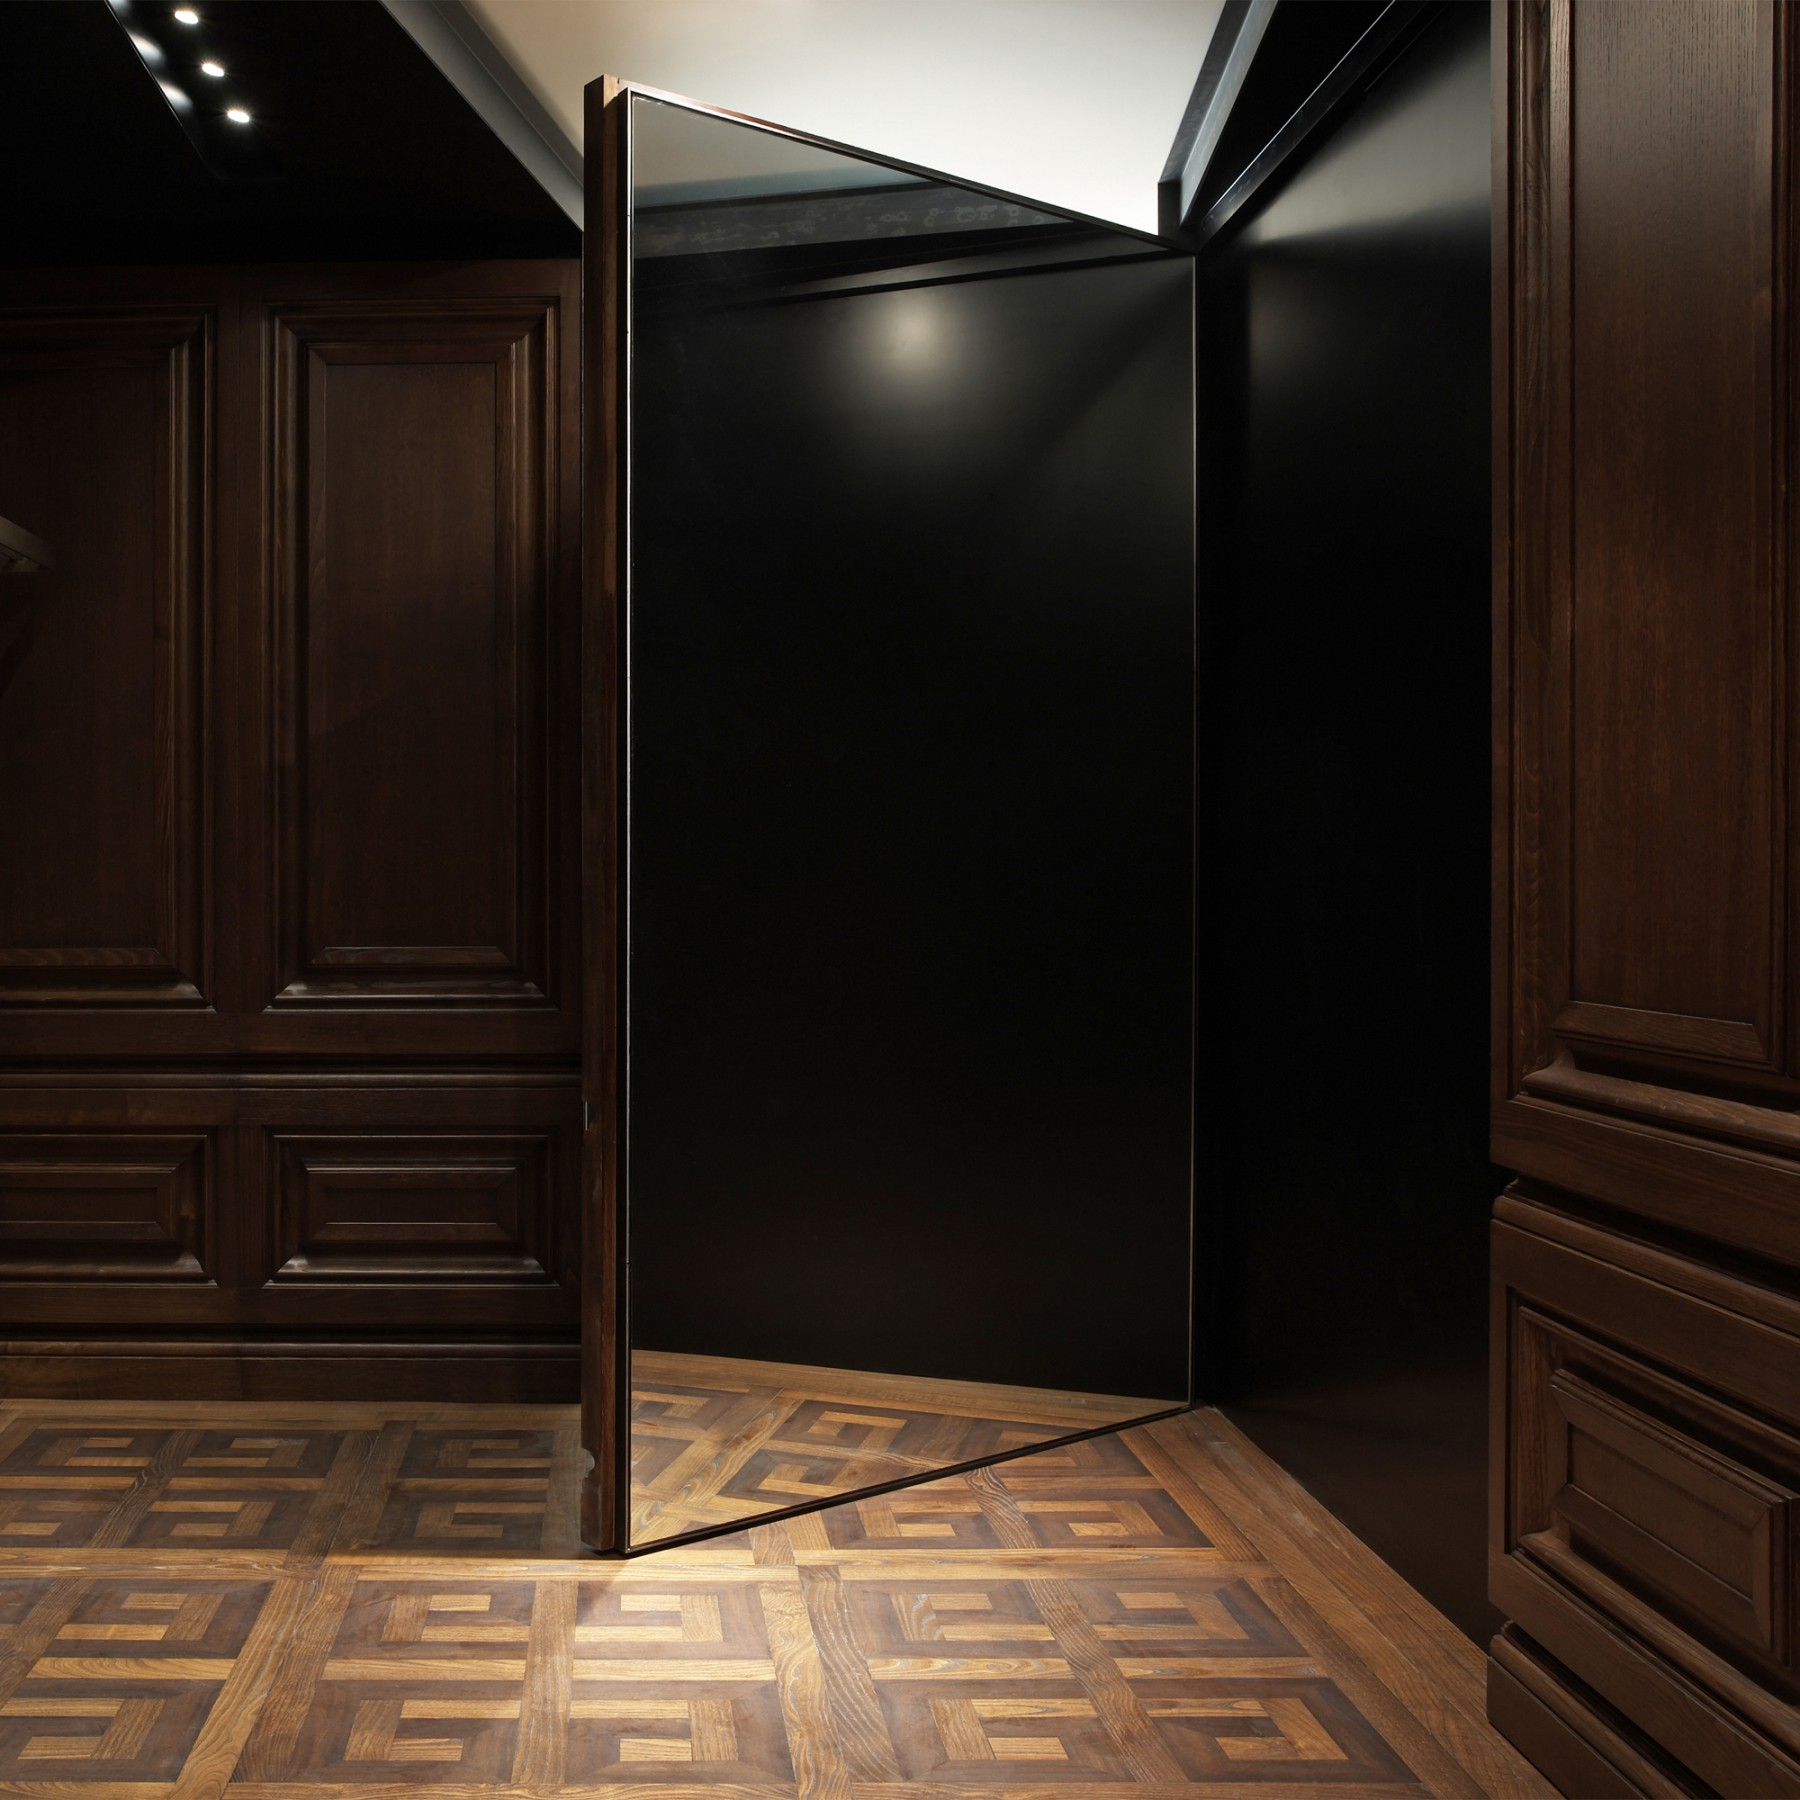 Givenchy-Paris-boutique-designer-fashion-retail-Jamie-Fobert-Architects-shop-6